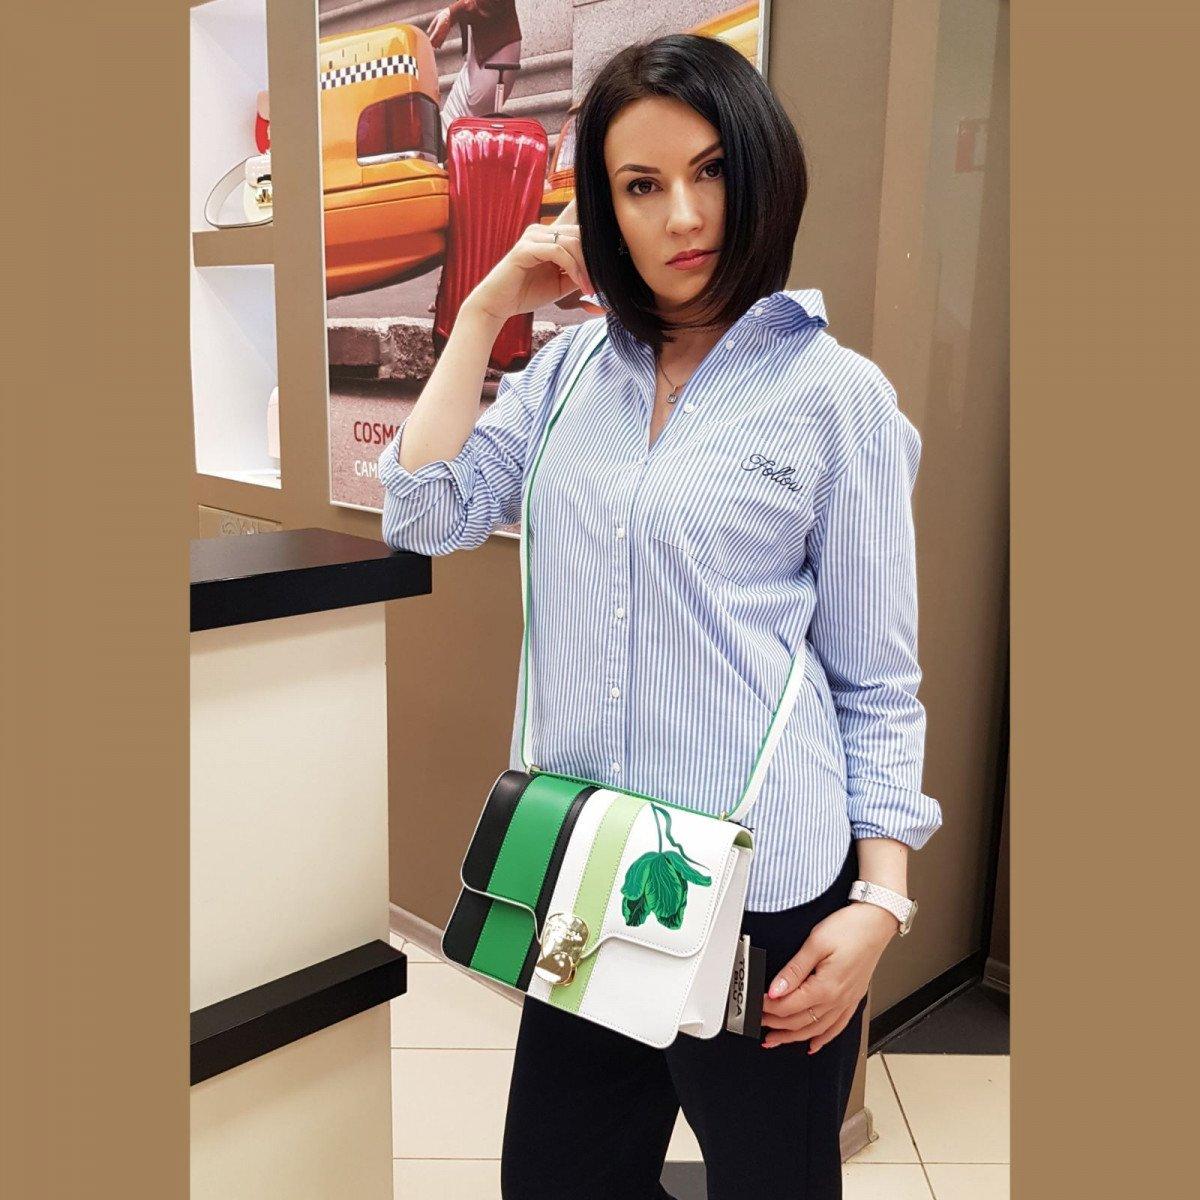 Кожаная женская сумка Tosca Blu TS2014B33 green из натуральной кожи